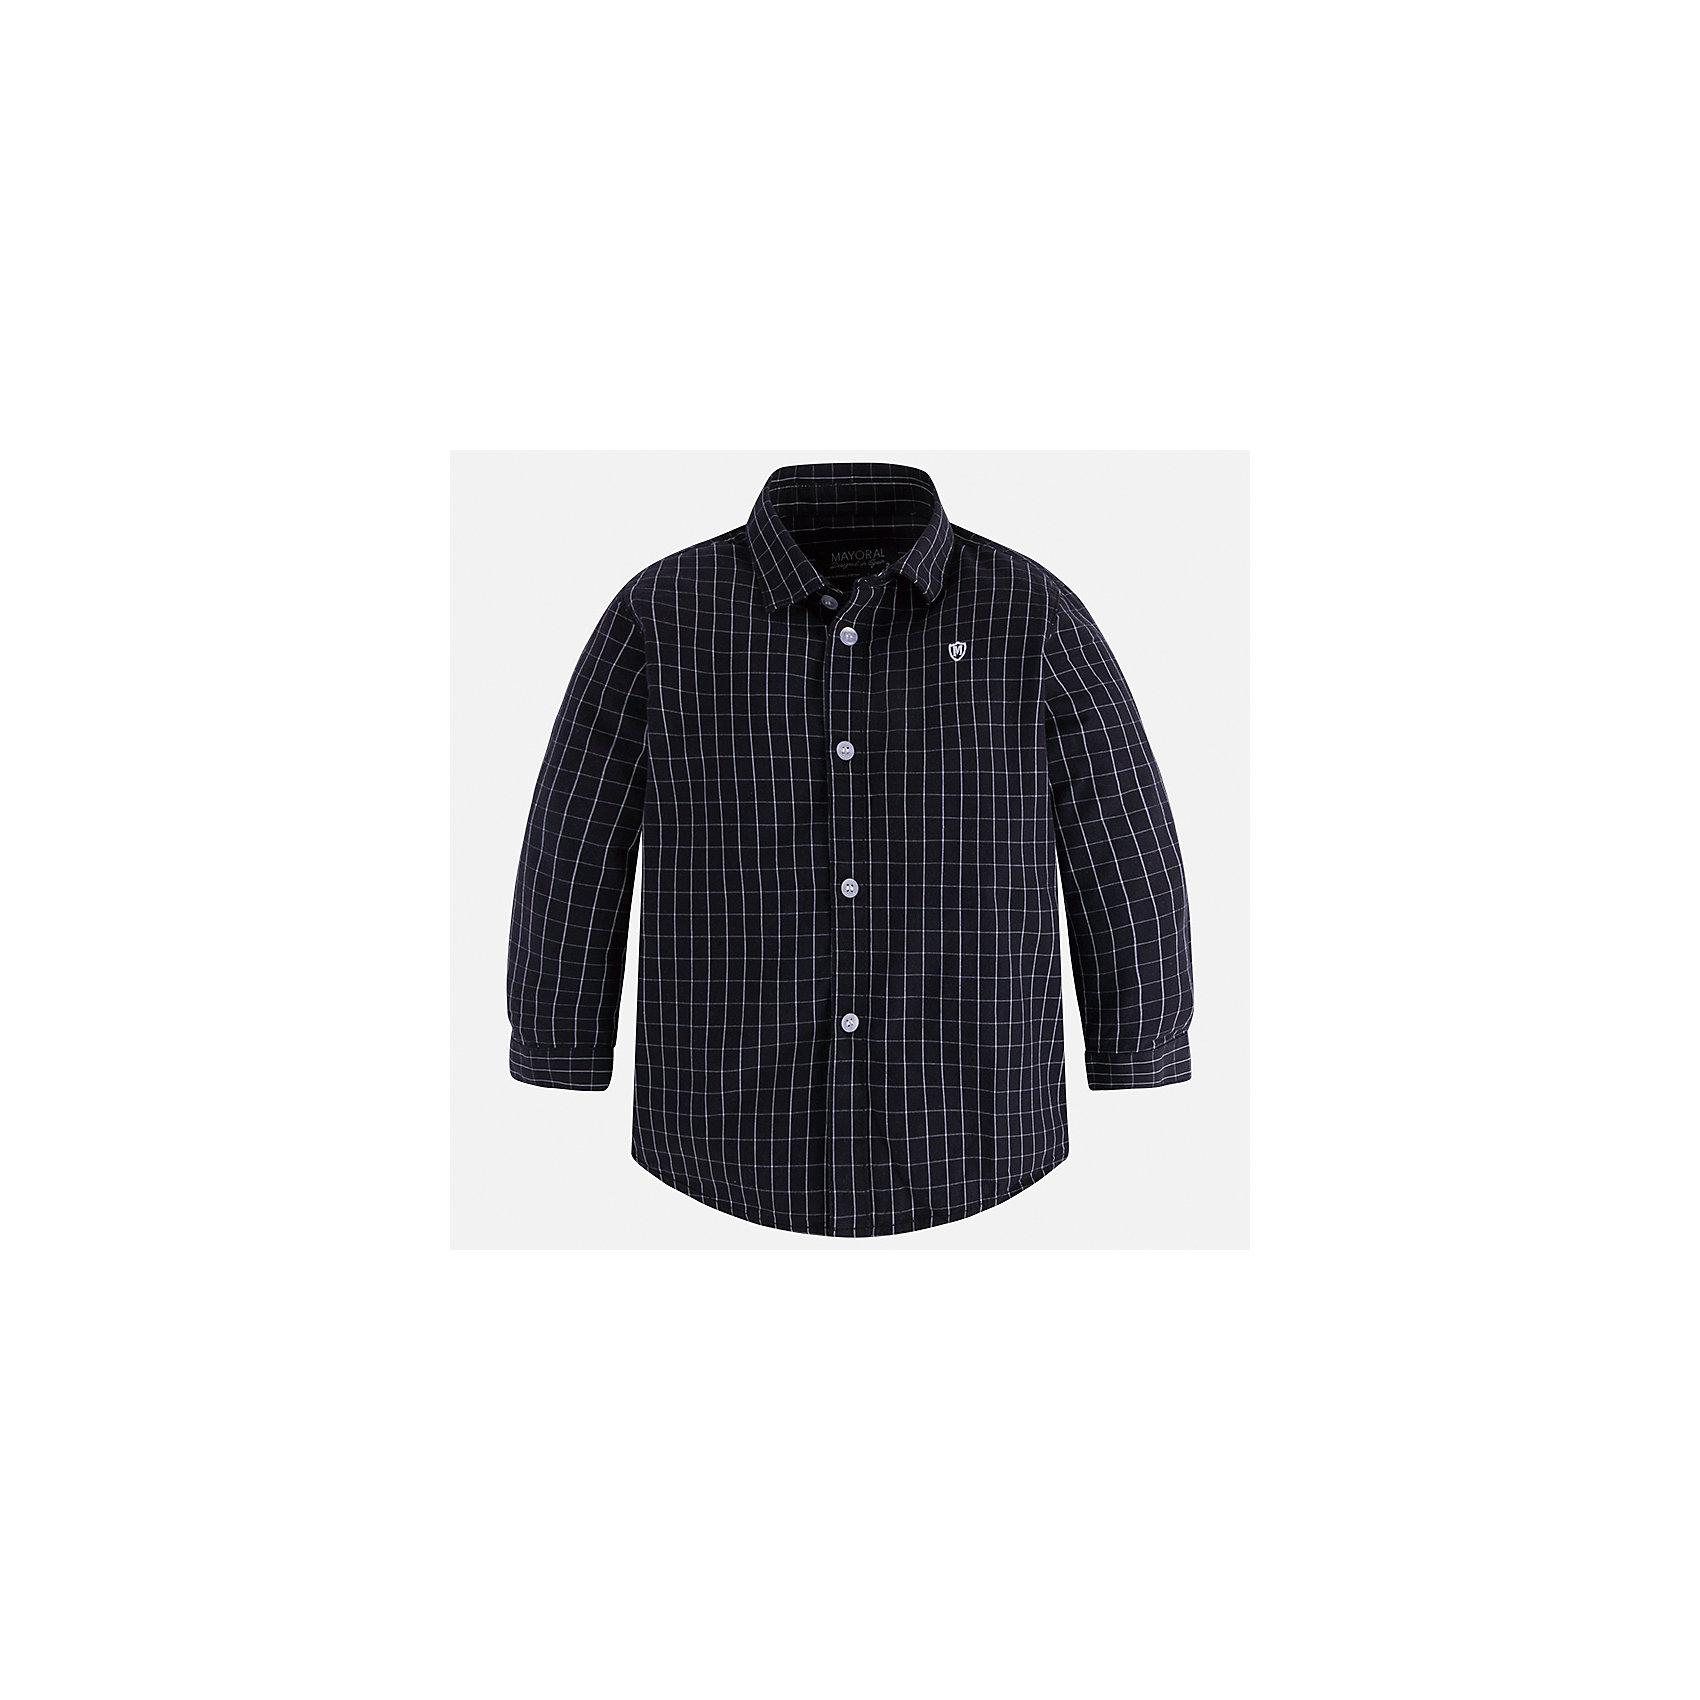 Рубашка Mayoral для мальчикаБлузки и рубашки<br>Характеристики товара:<br><br>• цвет: серый<br>• состав ткани: 100% хлопок<br>• сезон: демисезон<br>• особенности модели: школьная<br>• застежка: пуговицы<br>• длинные рукава<br>• страна бренда: Испания<br>• страна изготовитель: Индия<br><br>Рубашка с длинным рукавом для мальчика Mayoral удобно сидит по фигуре. Стильная детская рубашка сделана из натуральной хлопковой ткани. Отличный способ обеспечить ребенку комфорт и аккуратный внешний вид - надеть детскую рубашку от Mayoral. Детская рубашка с длинным рукавом сшита из приятного на ощупь материала. <br><br>Рубашку для мальчика Mayoral (Майорал) можно купить в нашем интернет-магазине.<br><br>Ширина мм: 174<br>Глубина мм: 10<br>Высота мм: 169<br>Вес г: 157<br>Цвет: серый<br>Возраст от месяцев: 84<br>Возраст до месяцев: 96<br>Пол: Мужской<br>Возраст: Детский<br>Размер: 128,134,104,110,116,122<br>SKU: 6934164